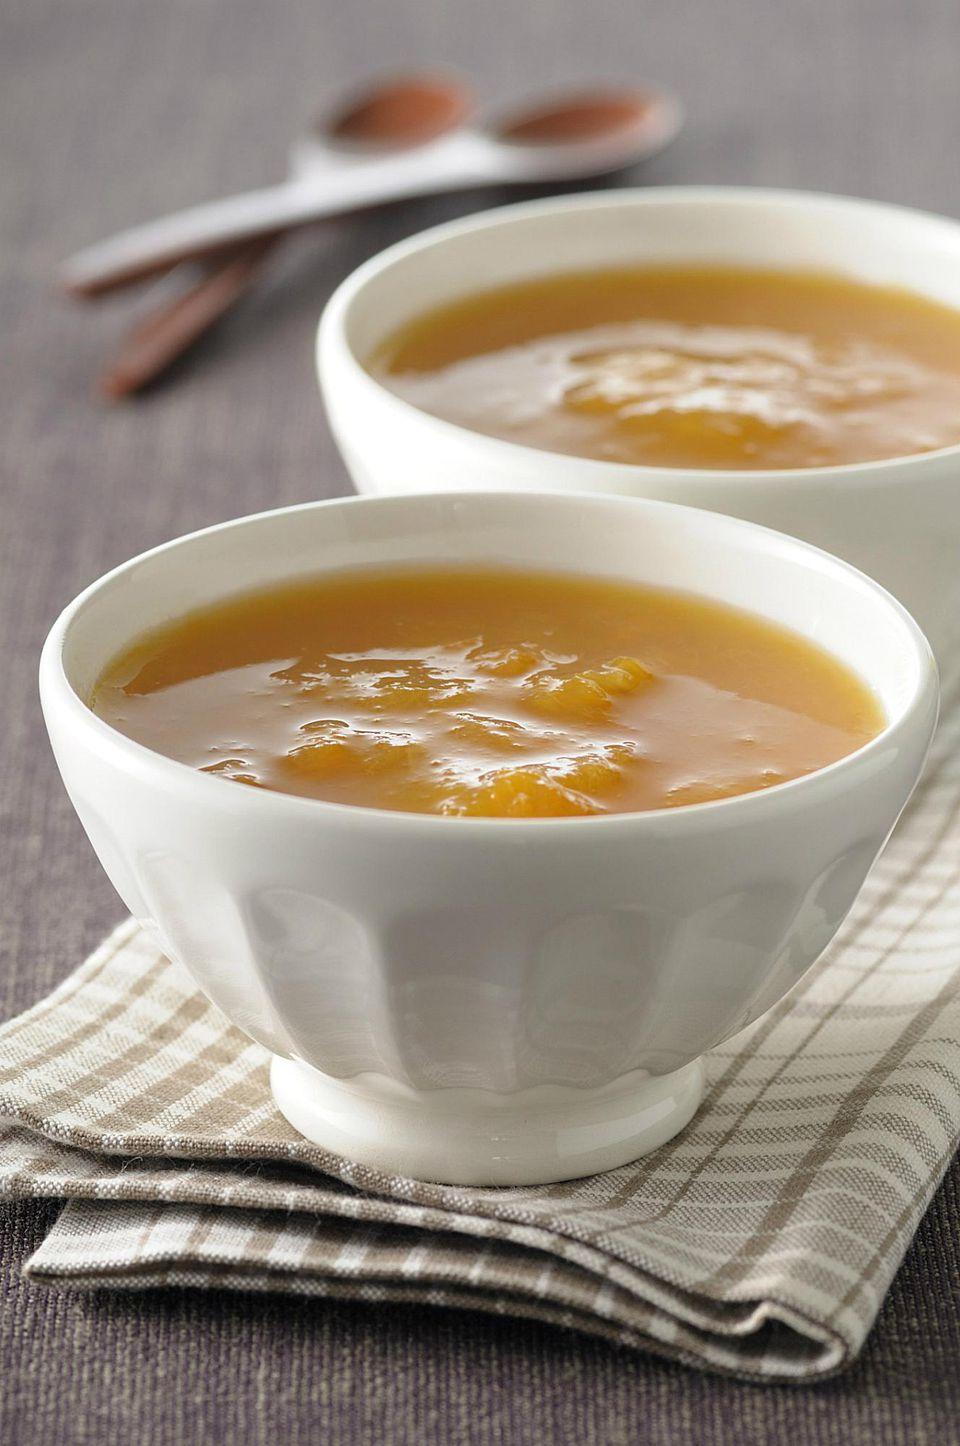 Apricot compote